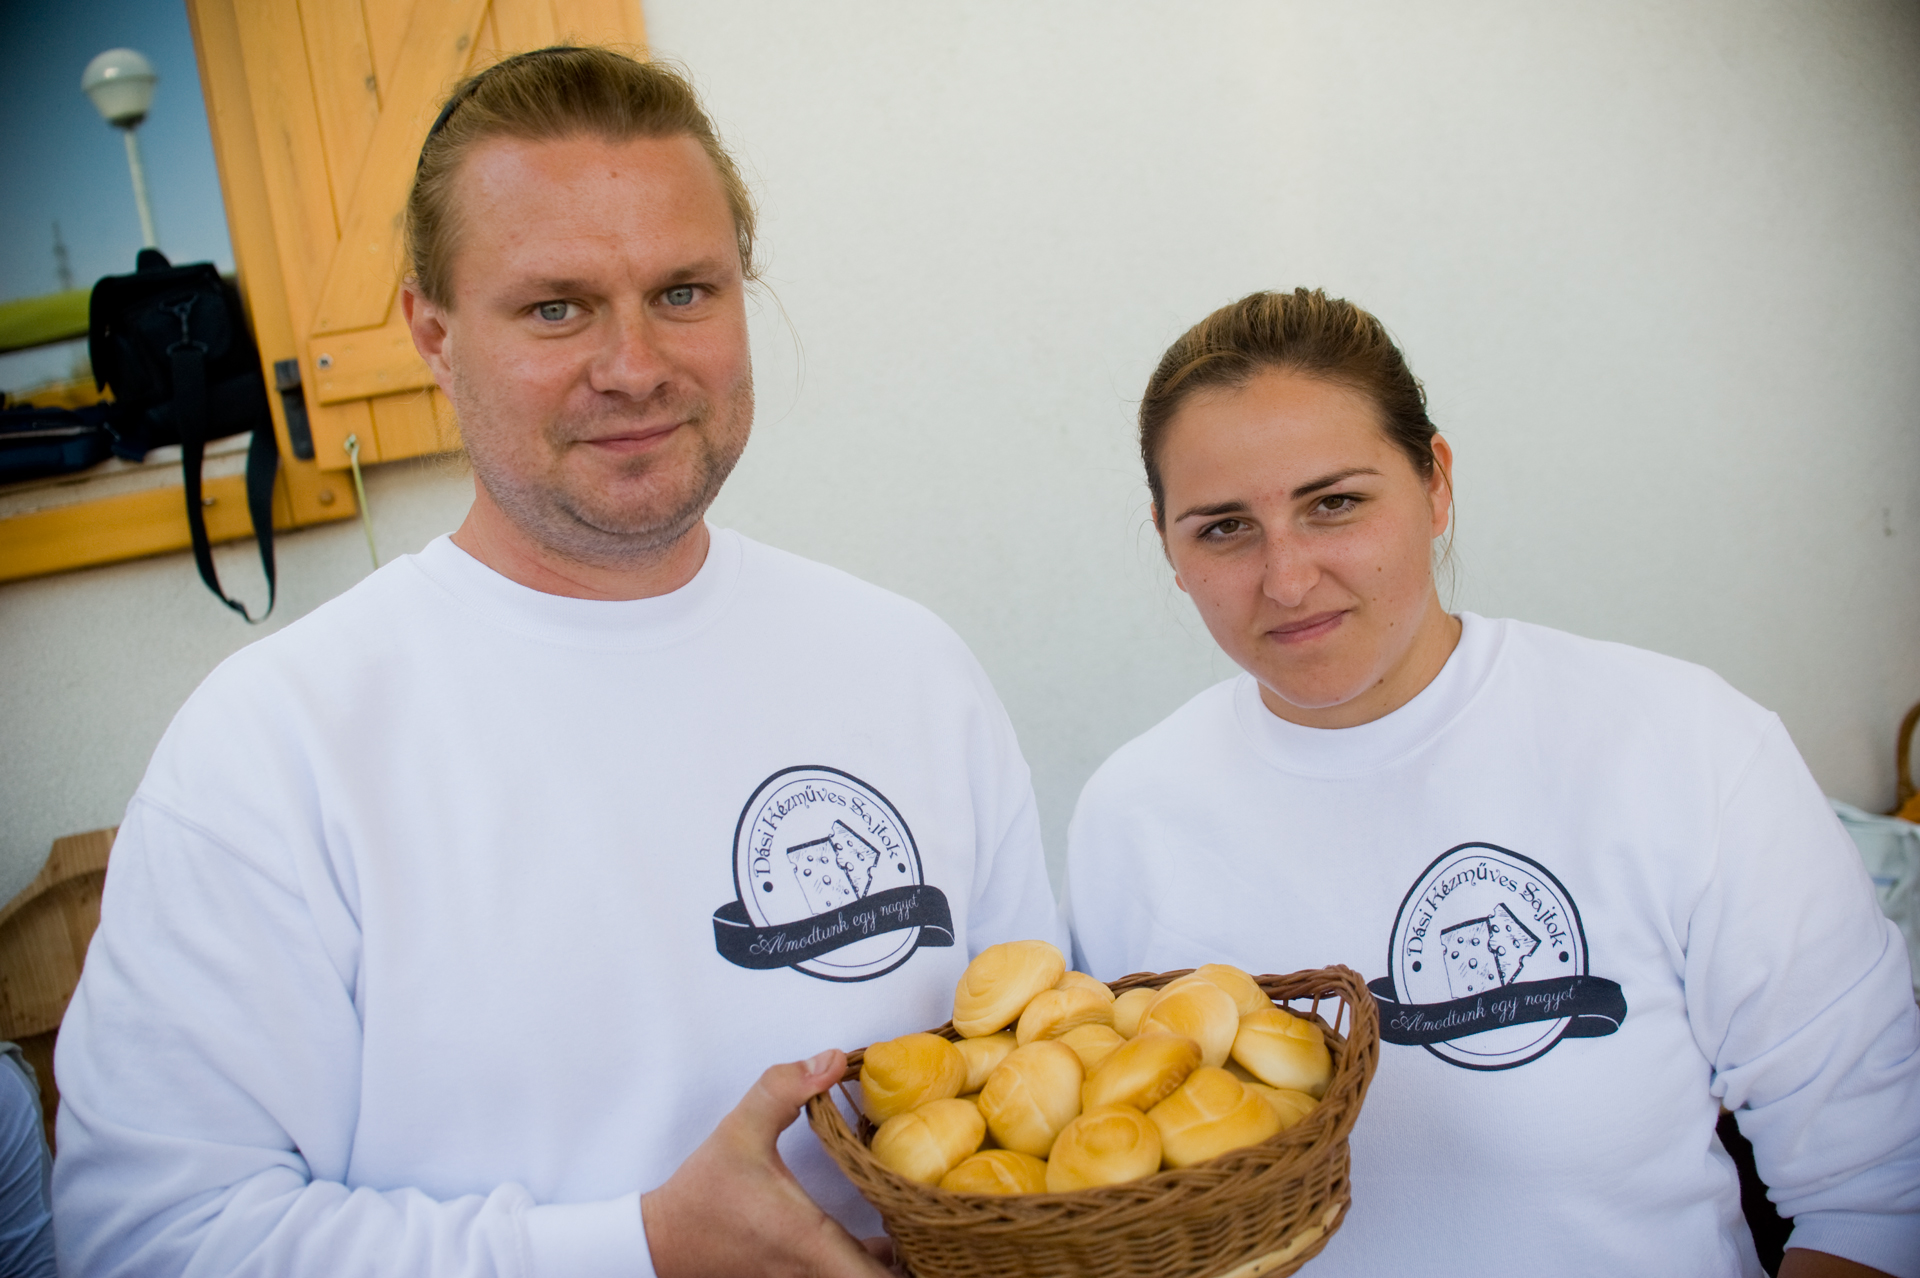 Ulrich Ábel, Dási kézműves sajtok